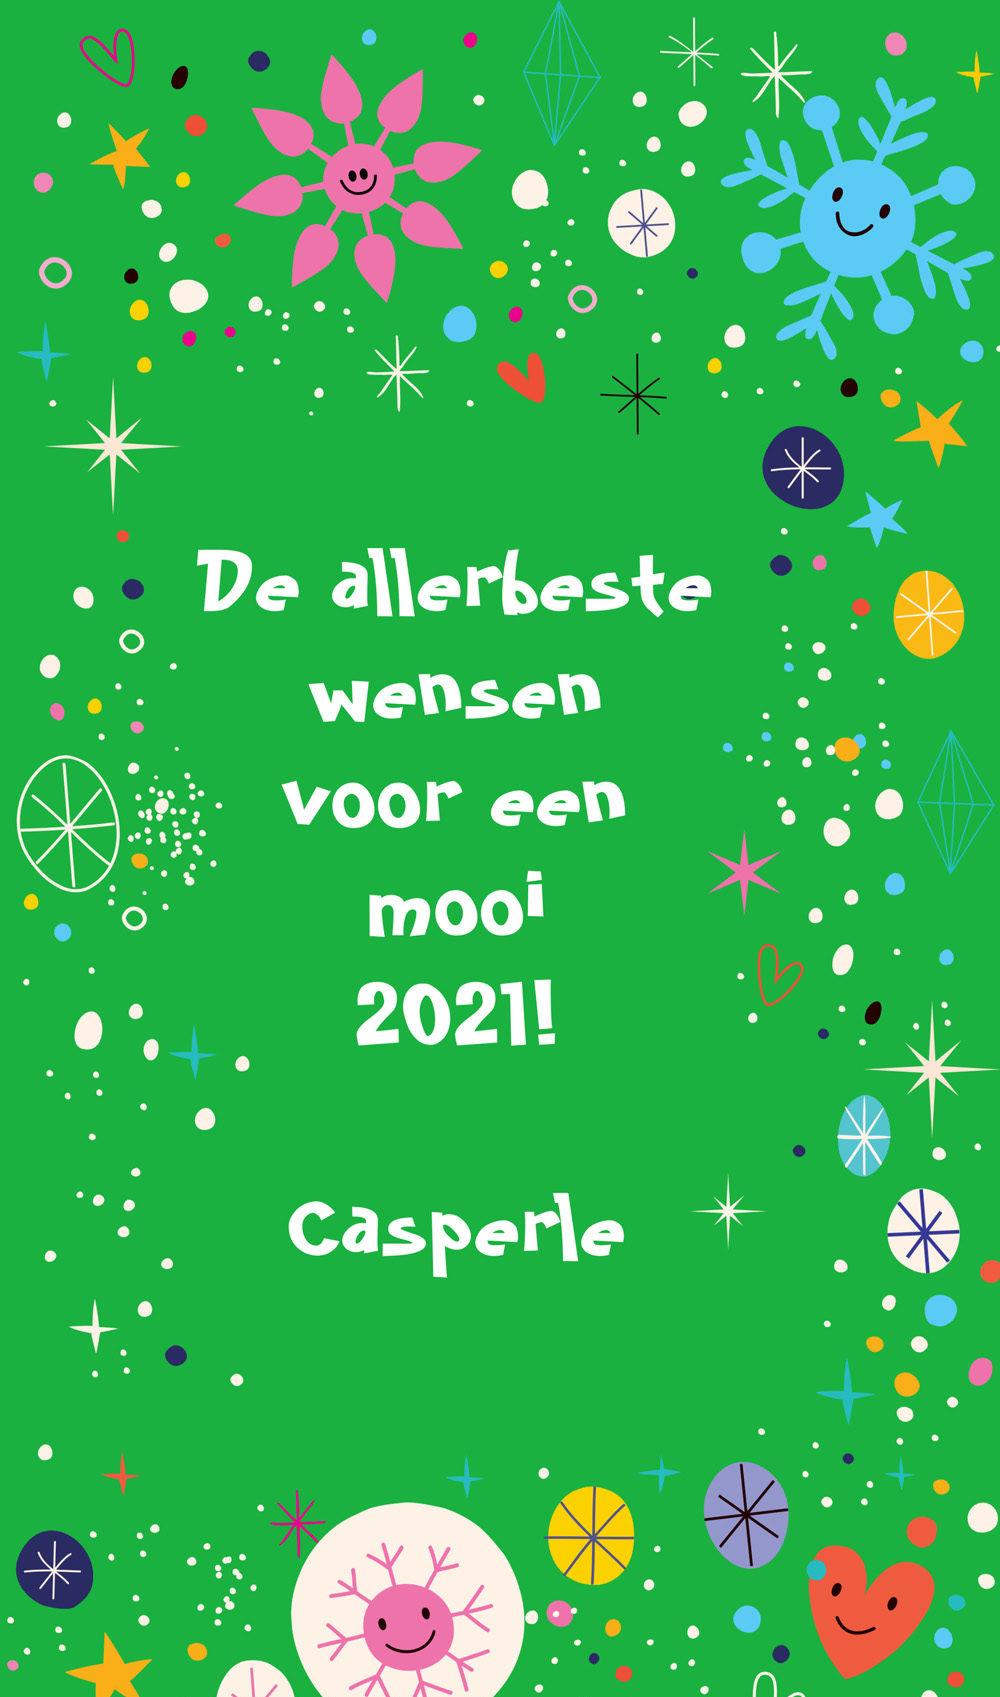 De beste wensen voor een mooi 2021!